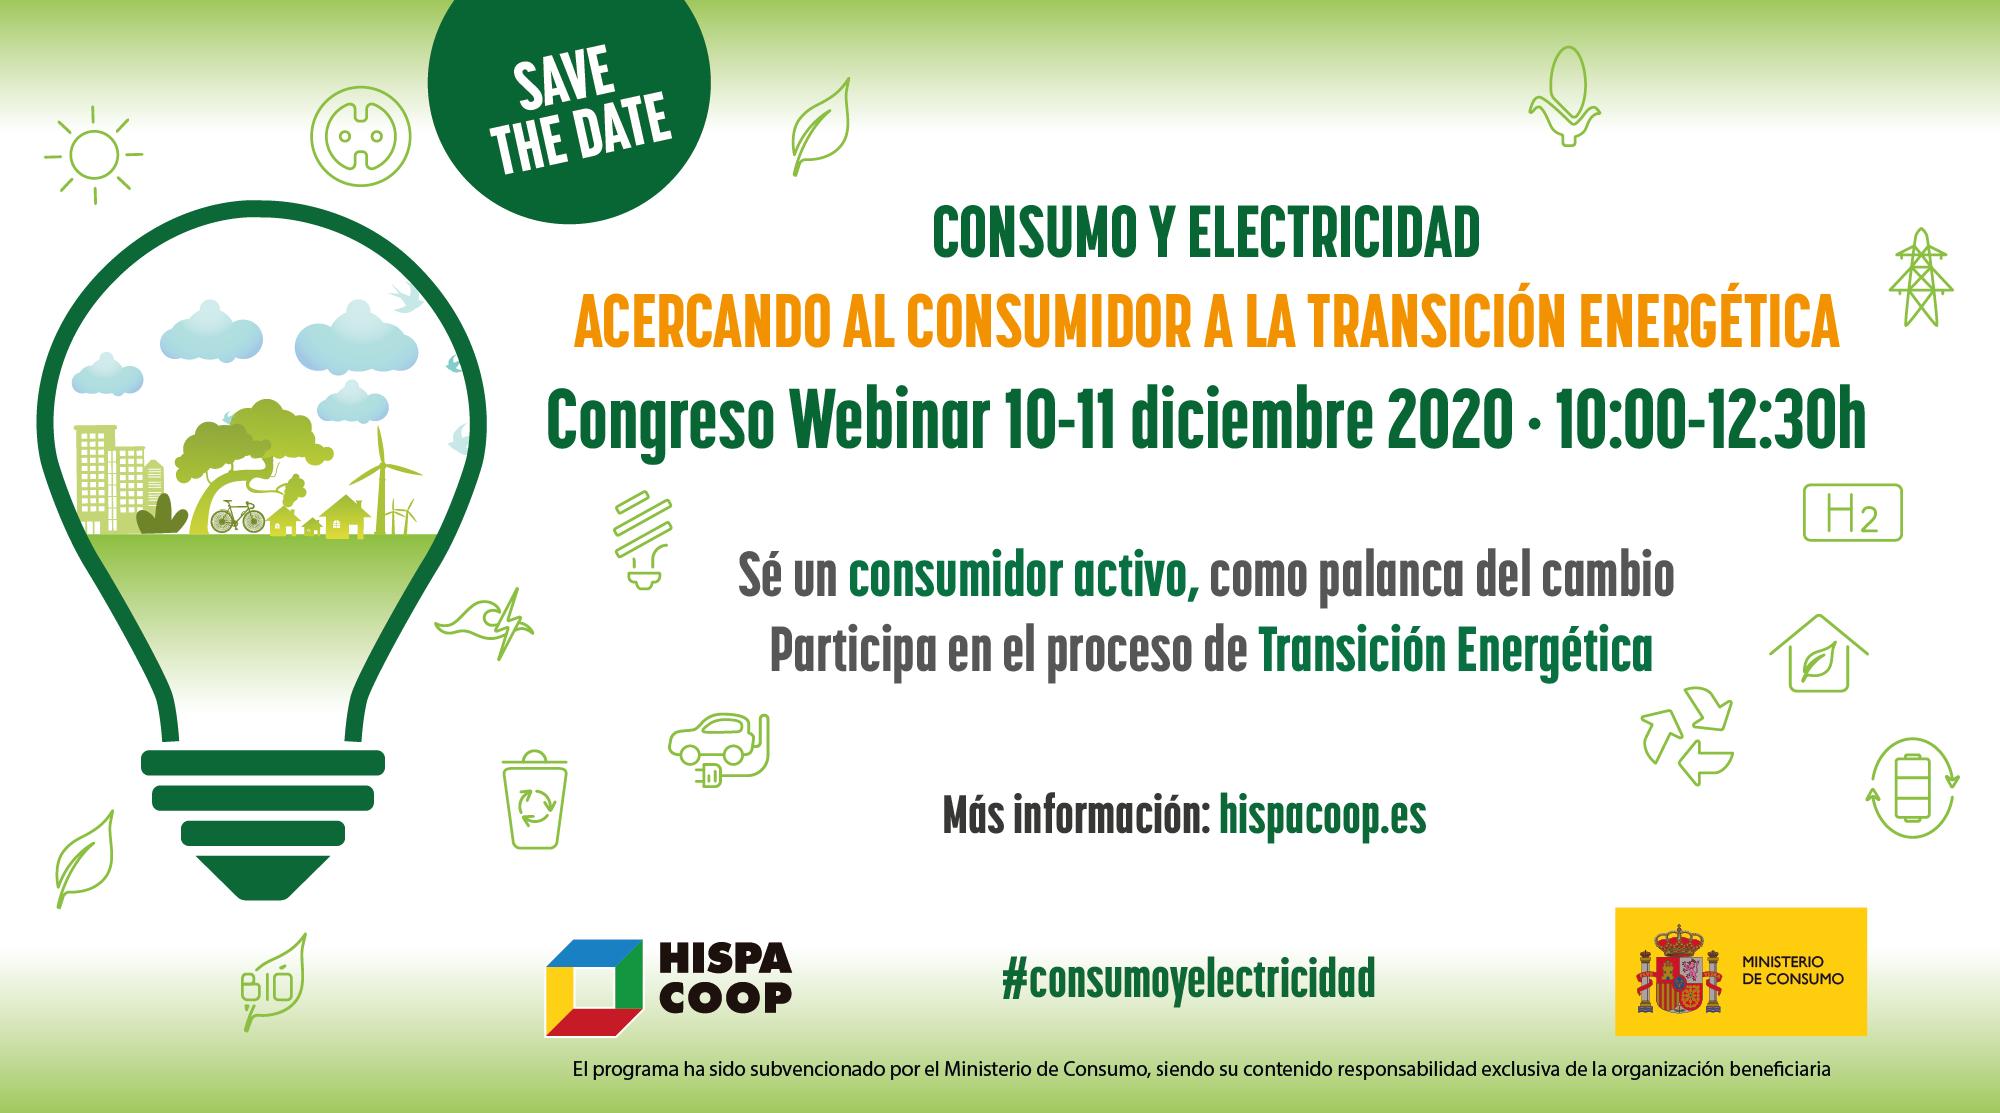 CONGRESO WEBINAR- Acercando al consumidor la transición energética